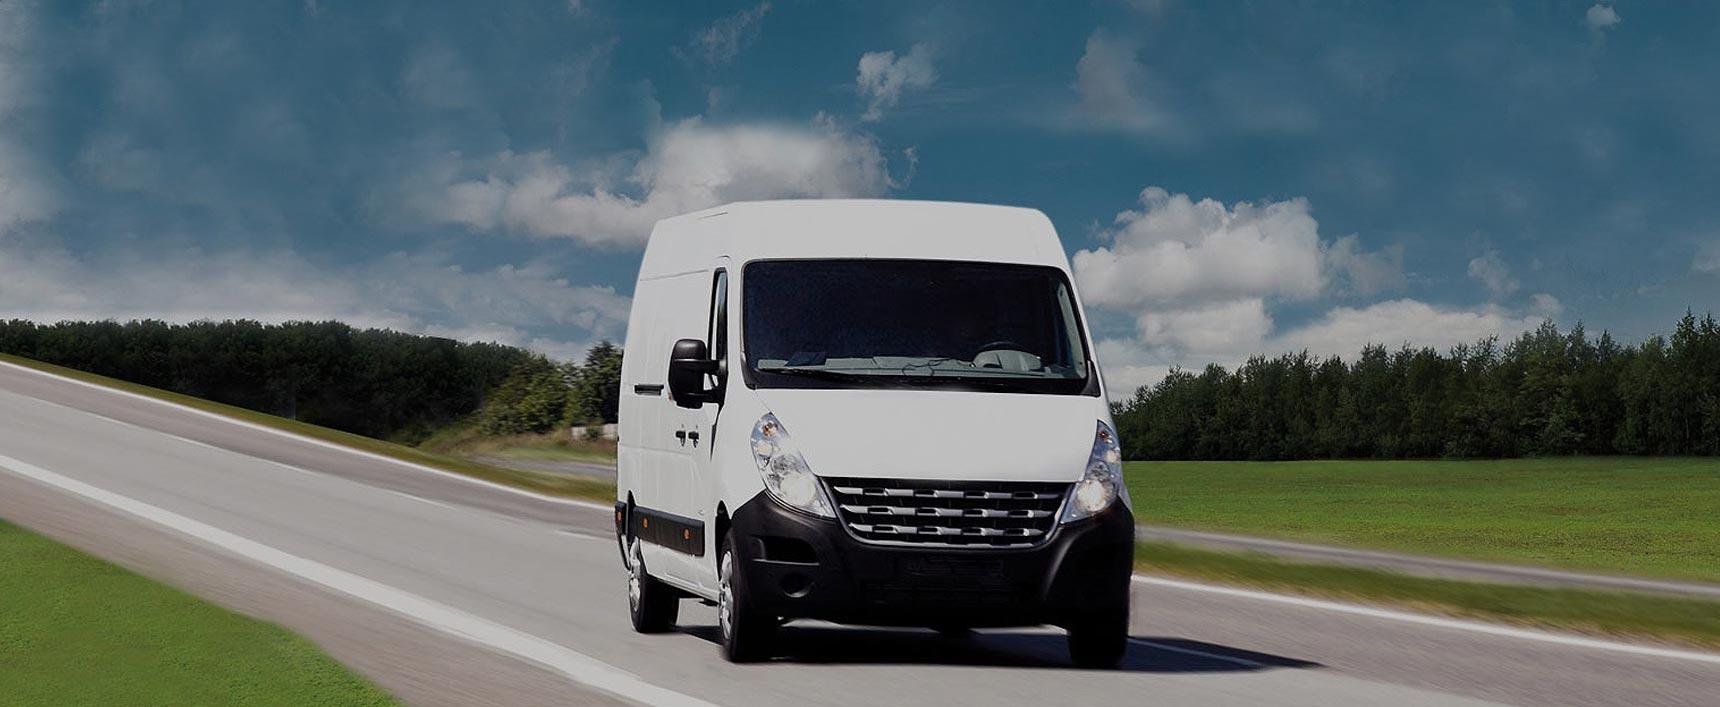 Trasporti dedicati con furgone